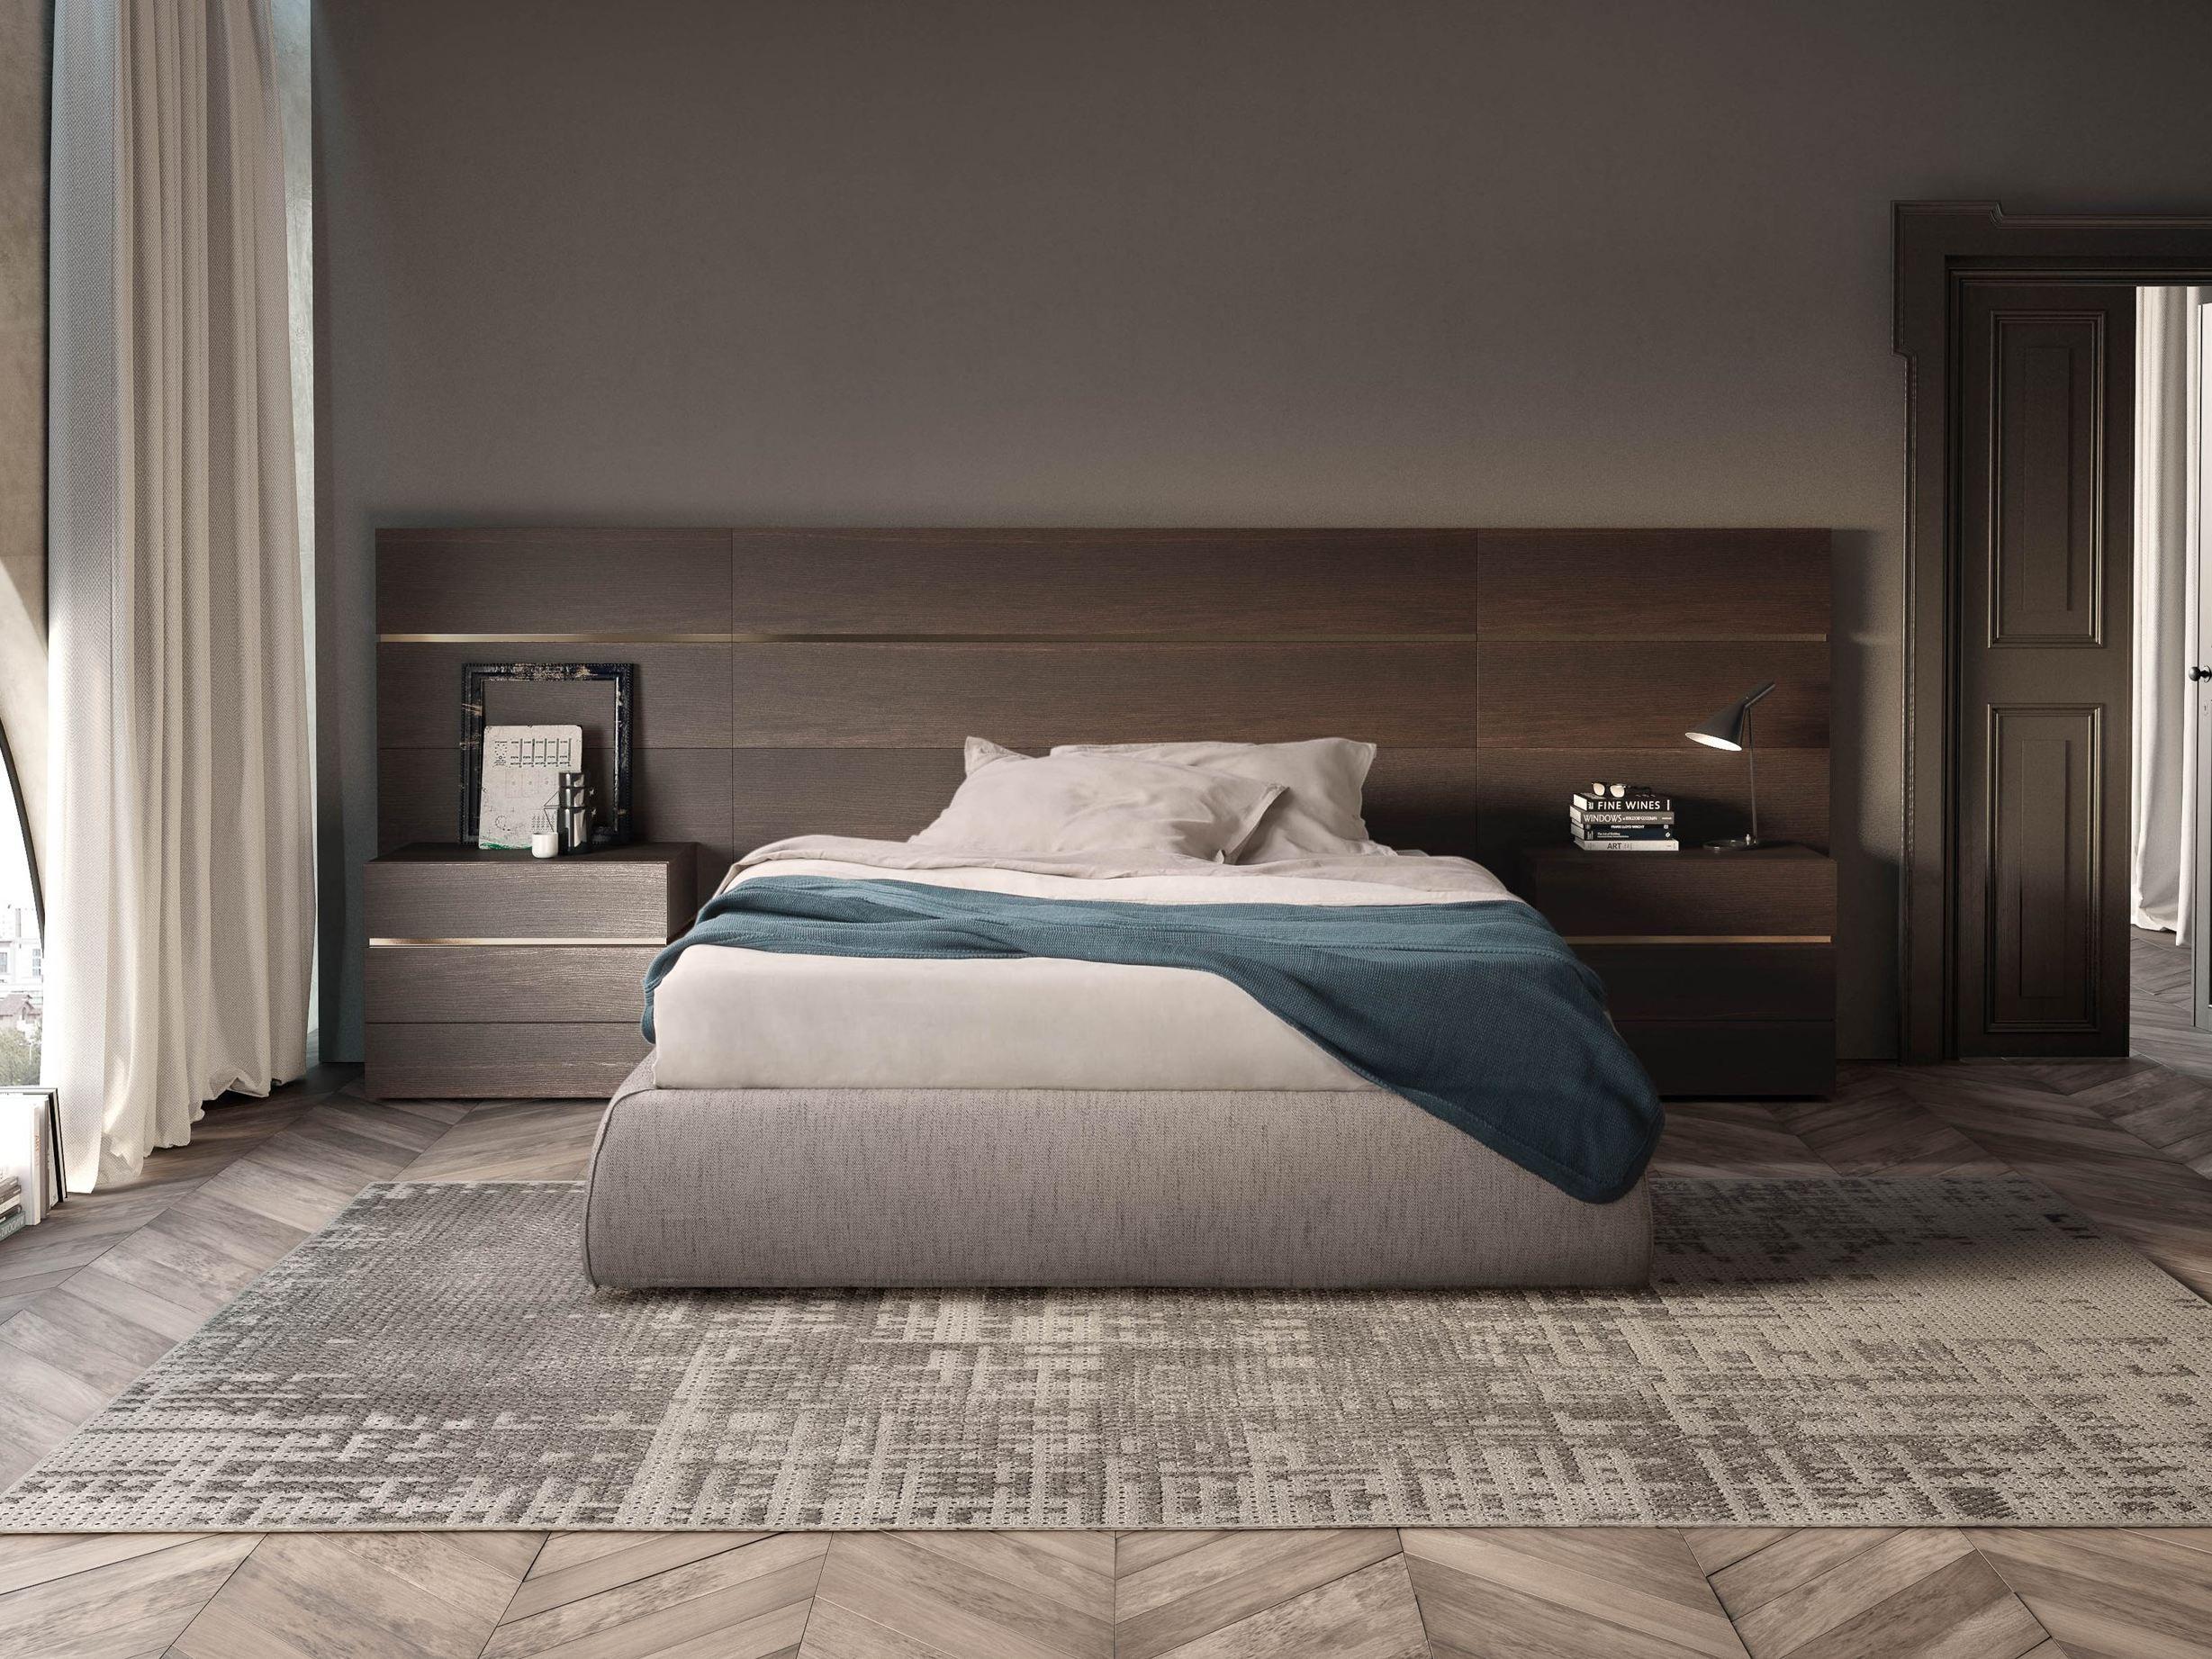 Pannelli modulari boiserie by pianca - Spalliere letto in legno ...